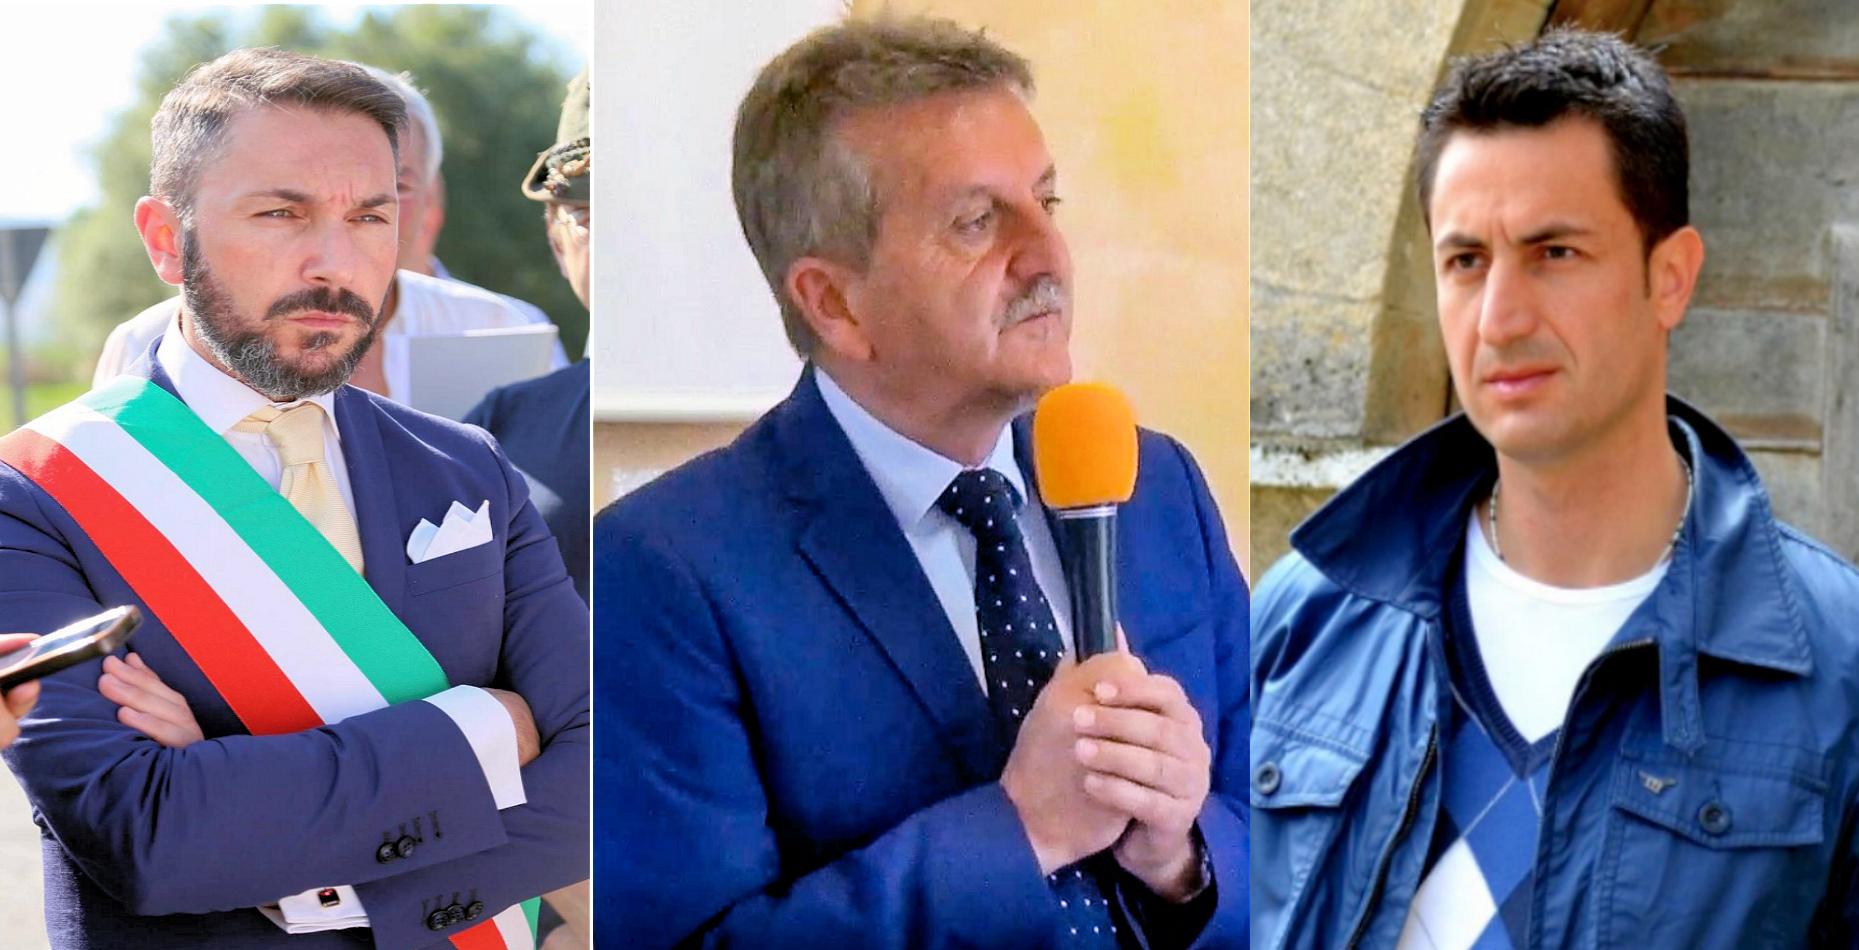 """Rete ospedaliera, modifiche pro-Marsica """"arenate"""" in Regione. Sindaci di Avezzano, Tagliacozzo e Pescina in pressing sull'assessore Verì"""